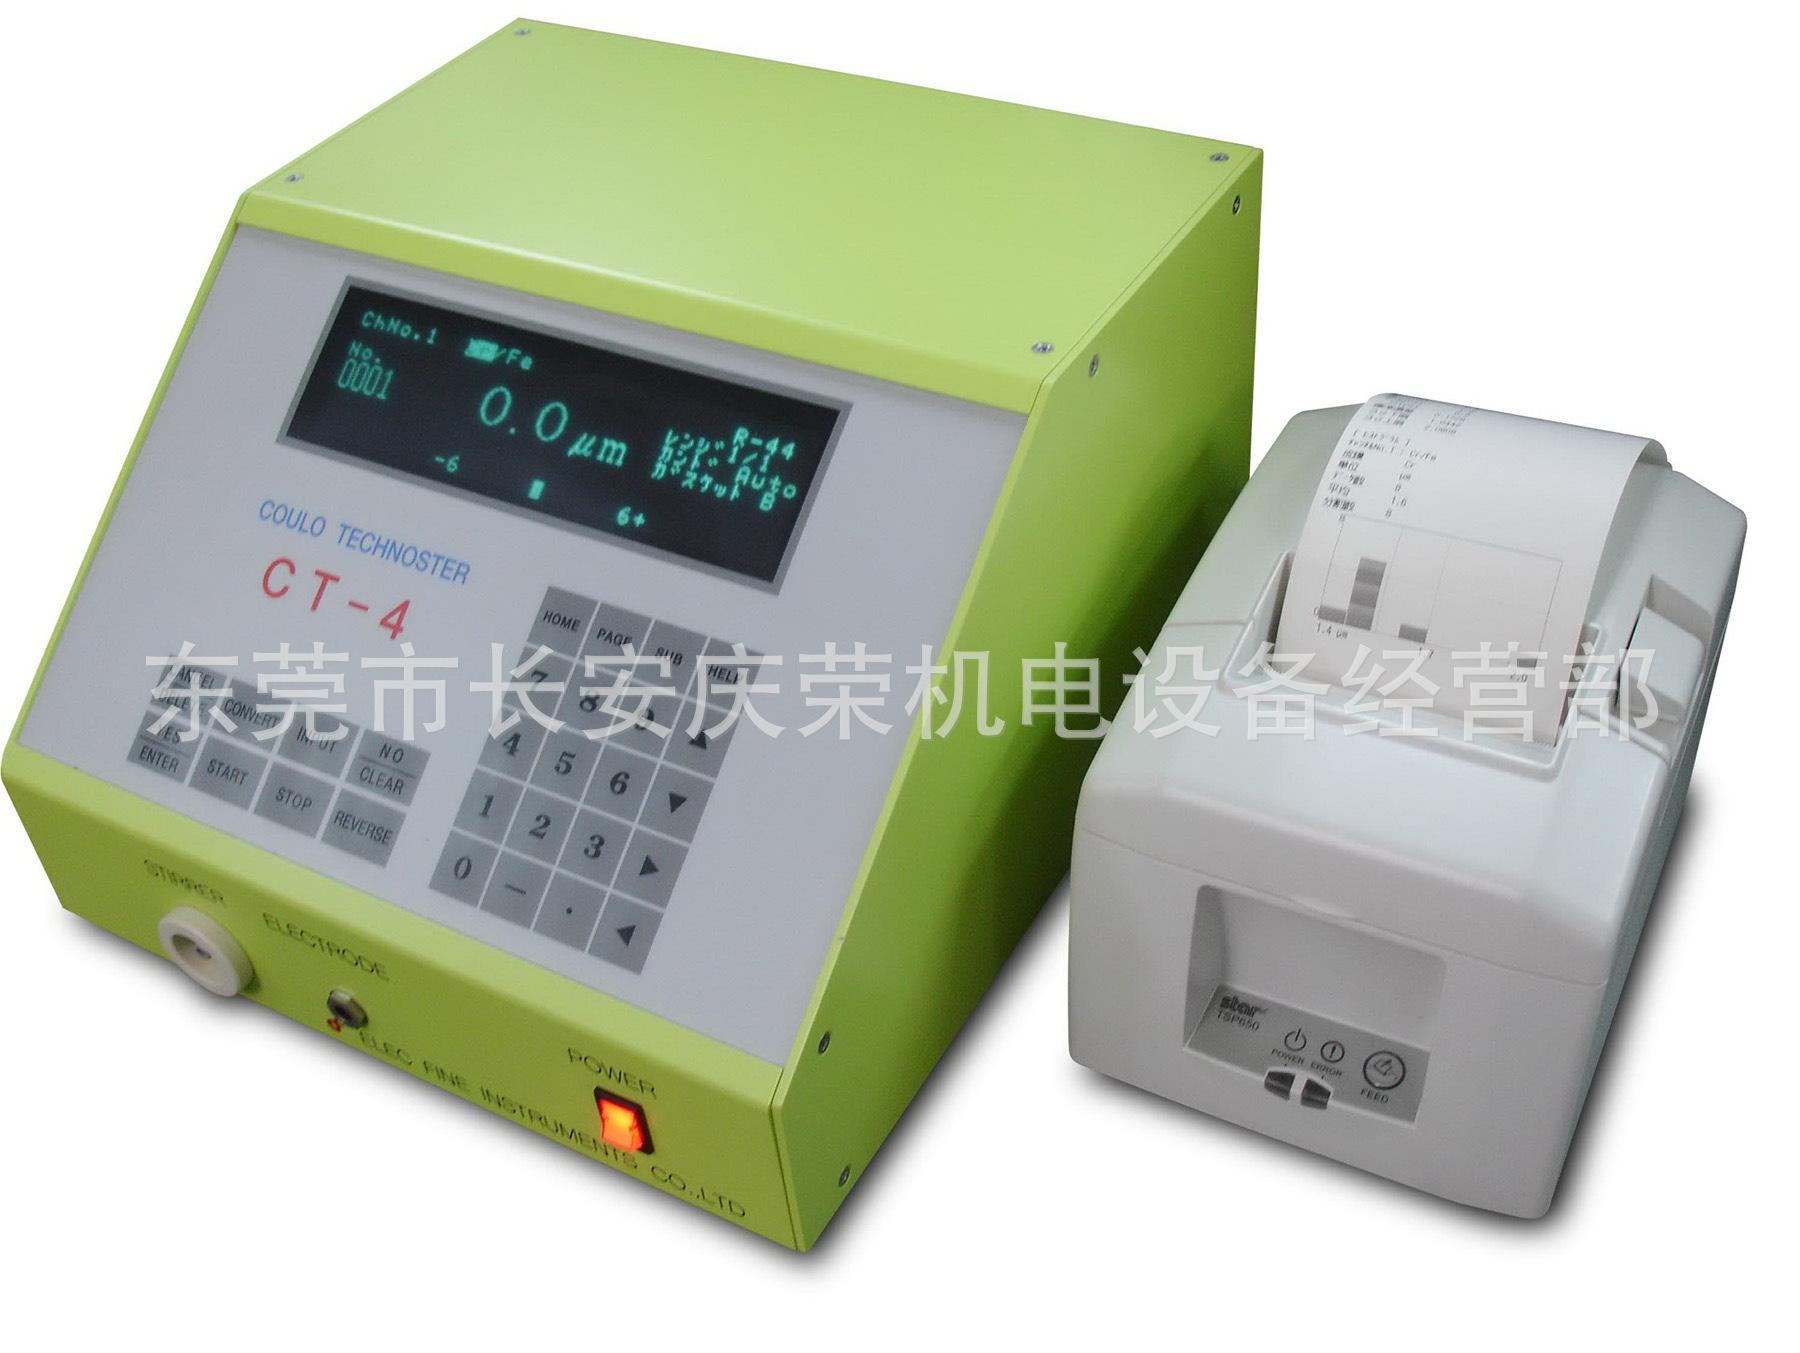 二手电解式膜厚仪日本电测总代理设备回收